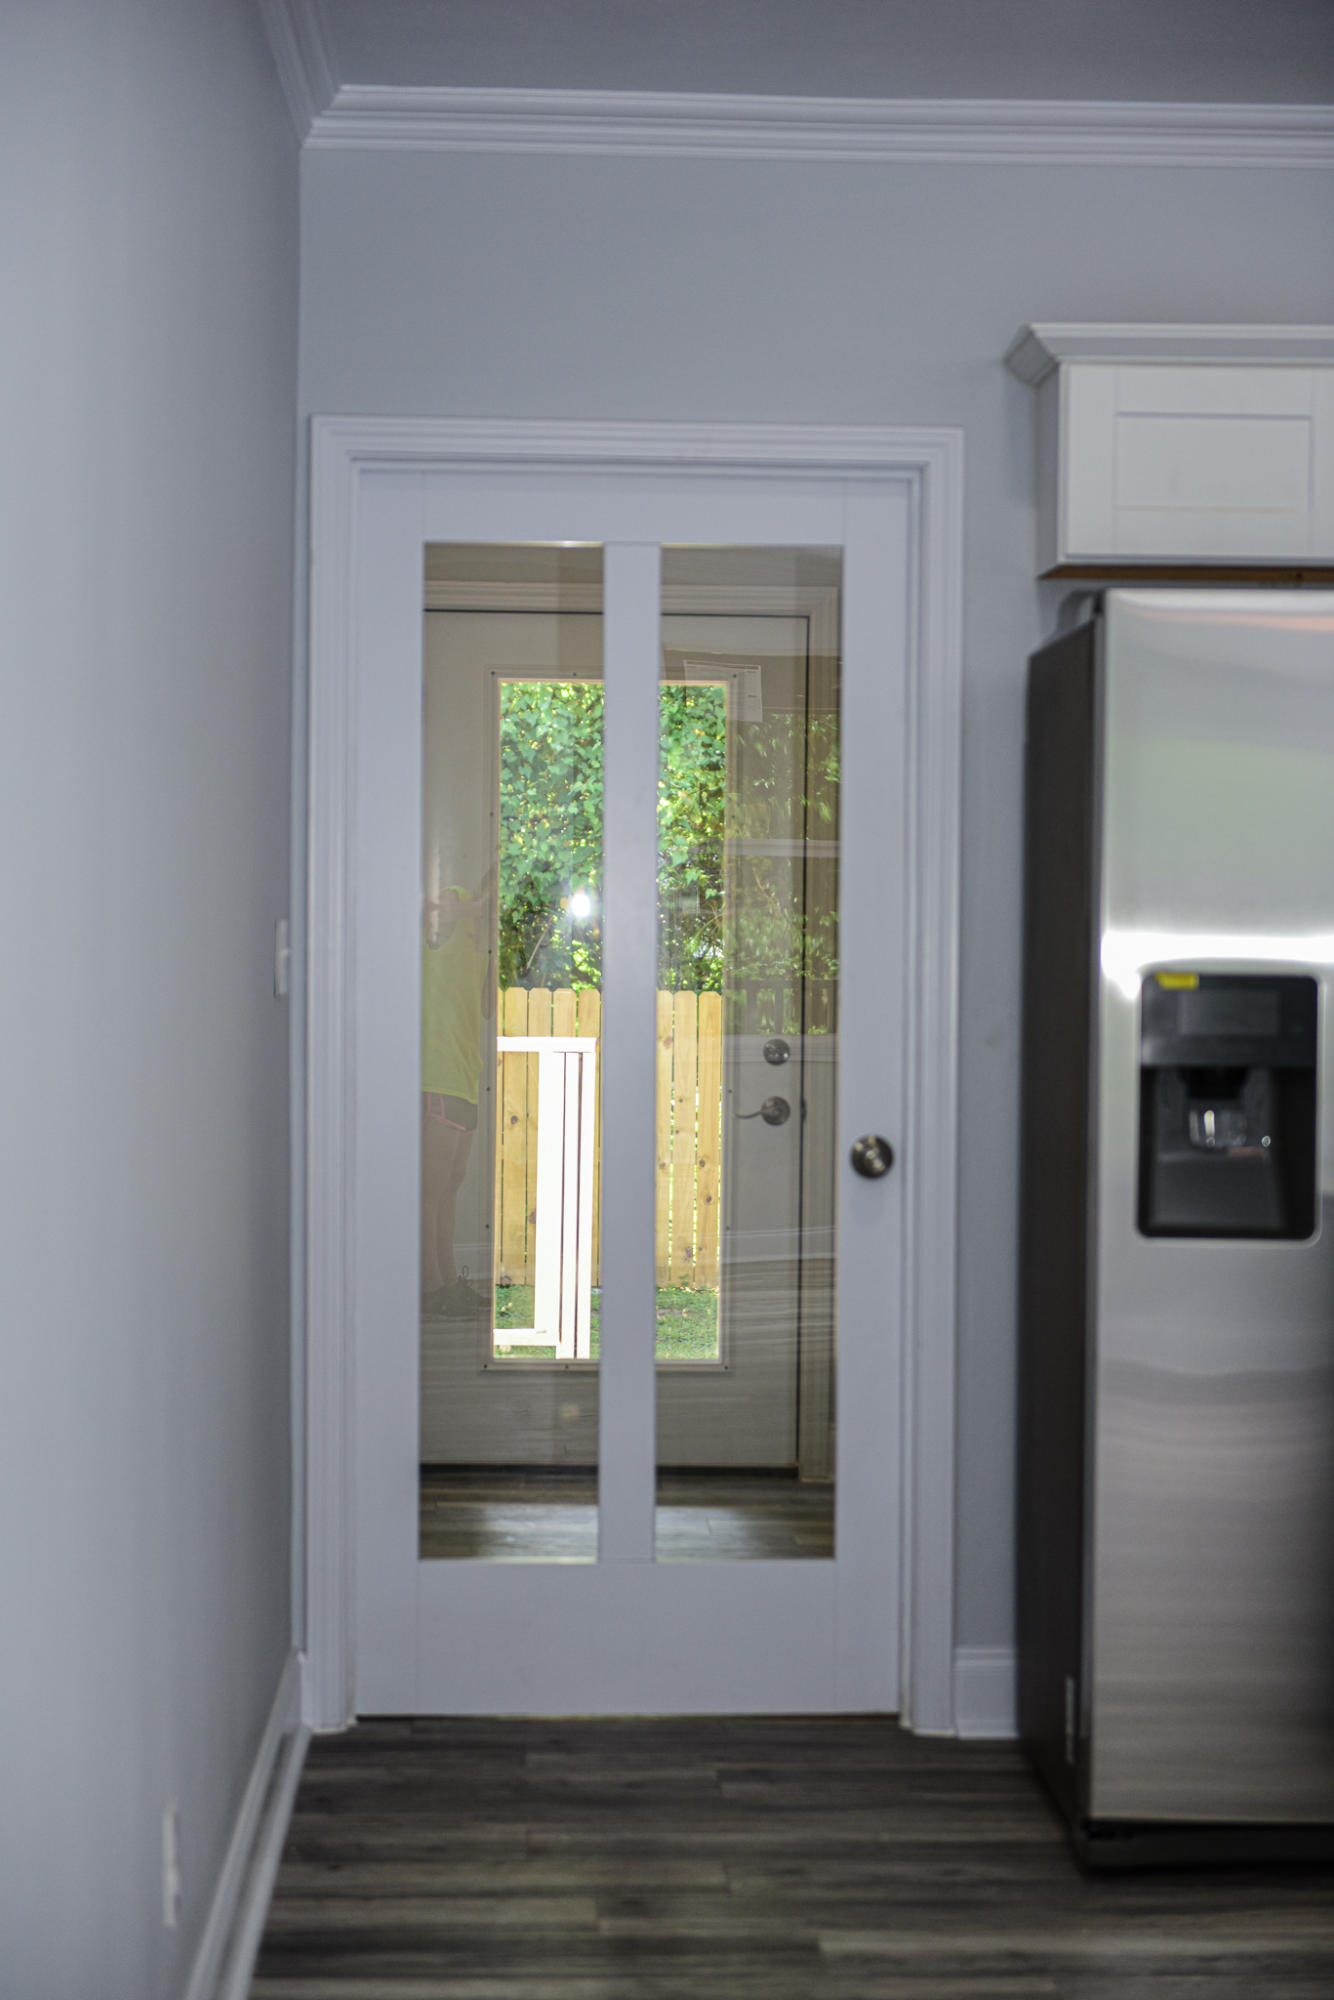 Merryville home for sale, 4026 LA-110, Merryville LA - $143,900